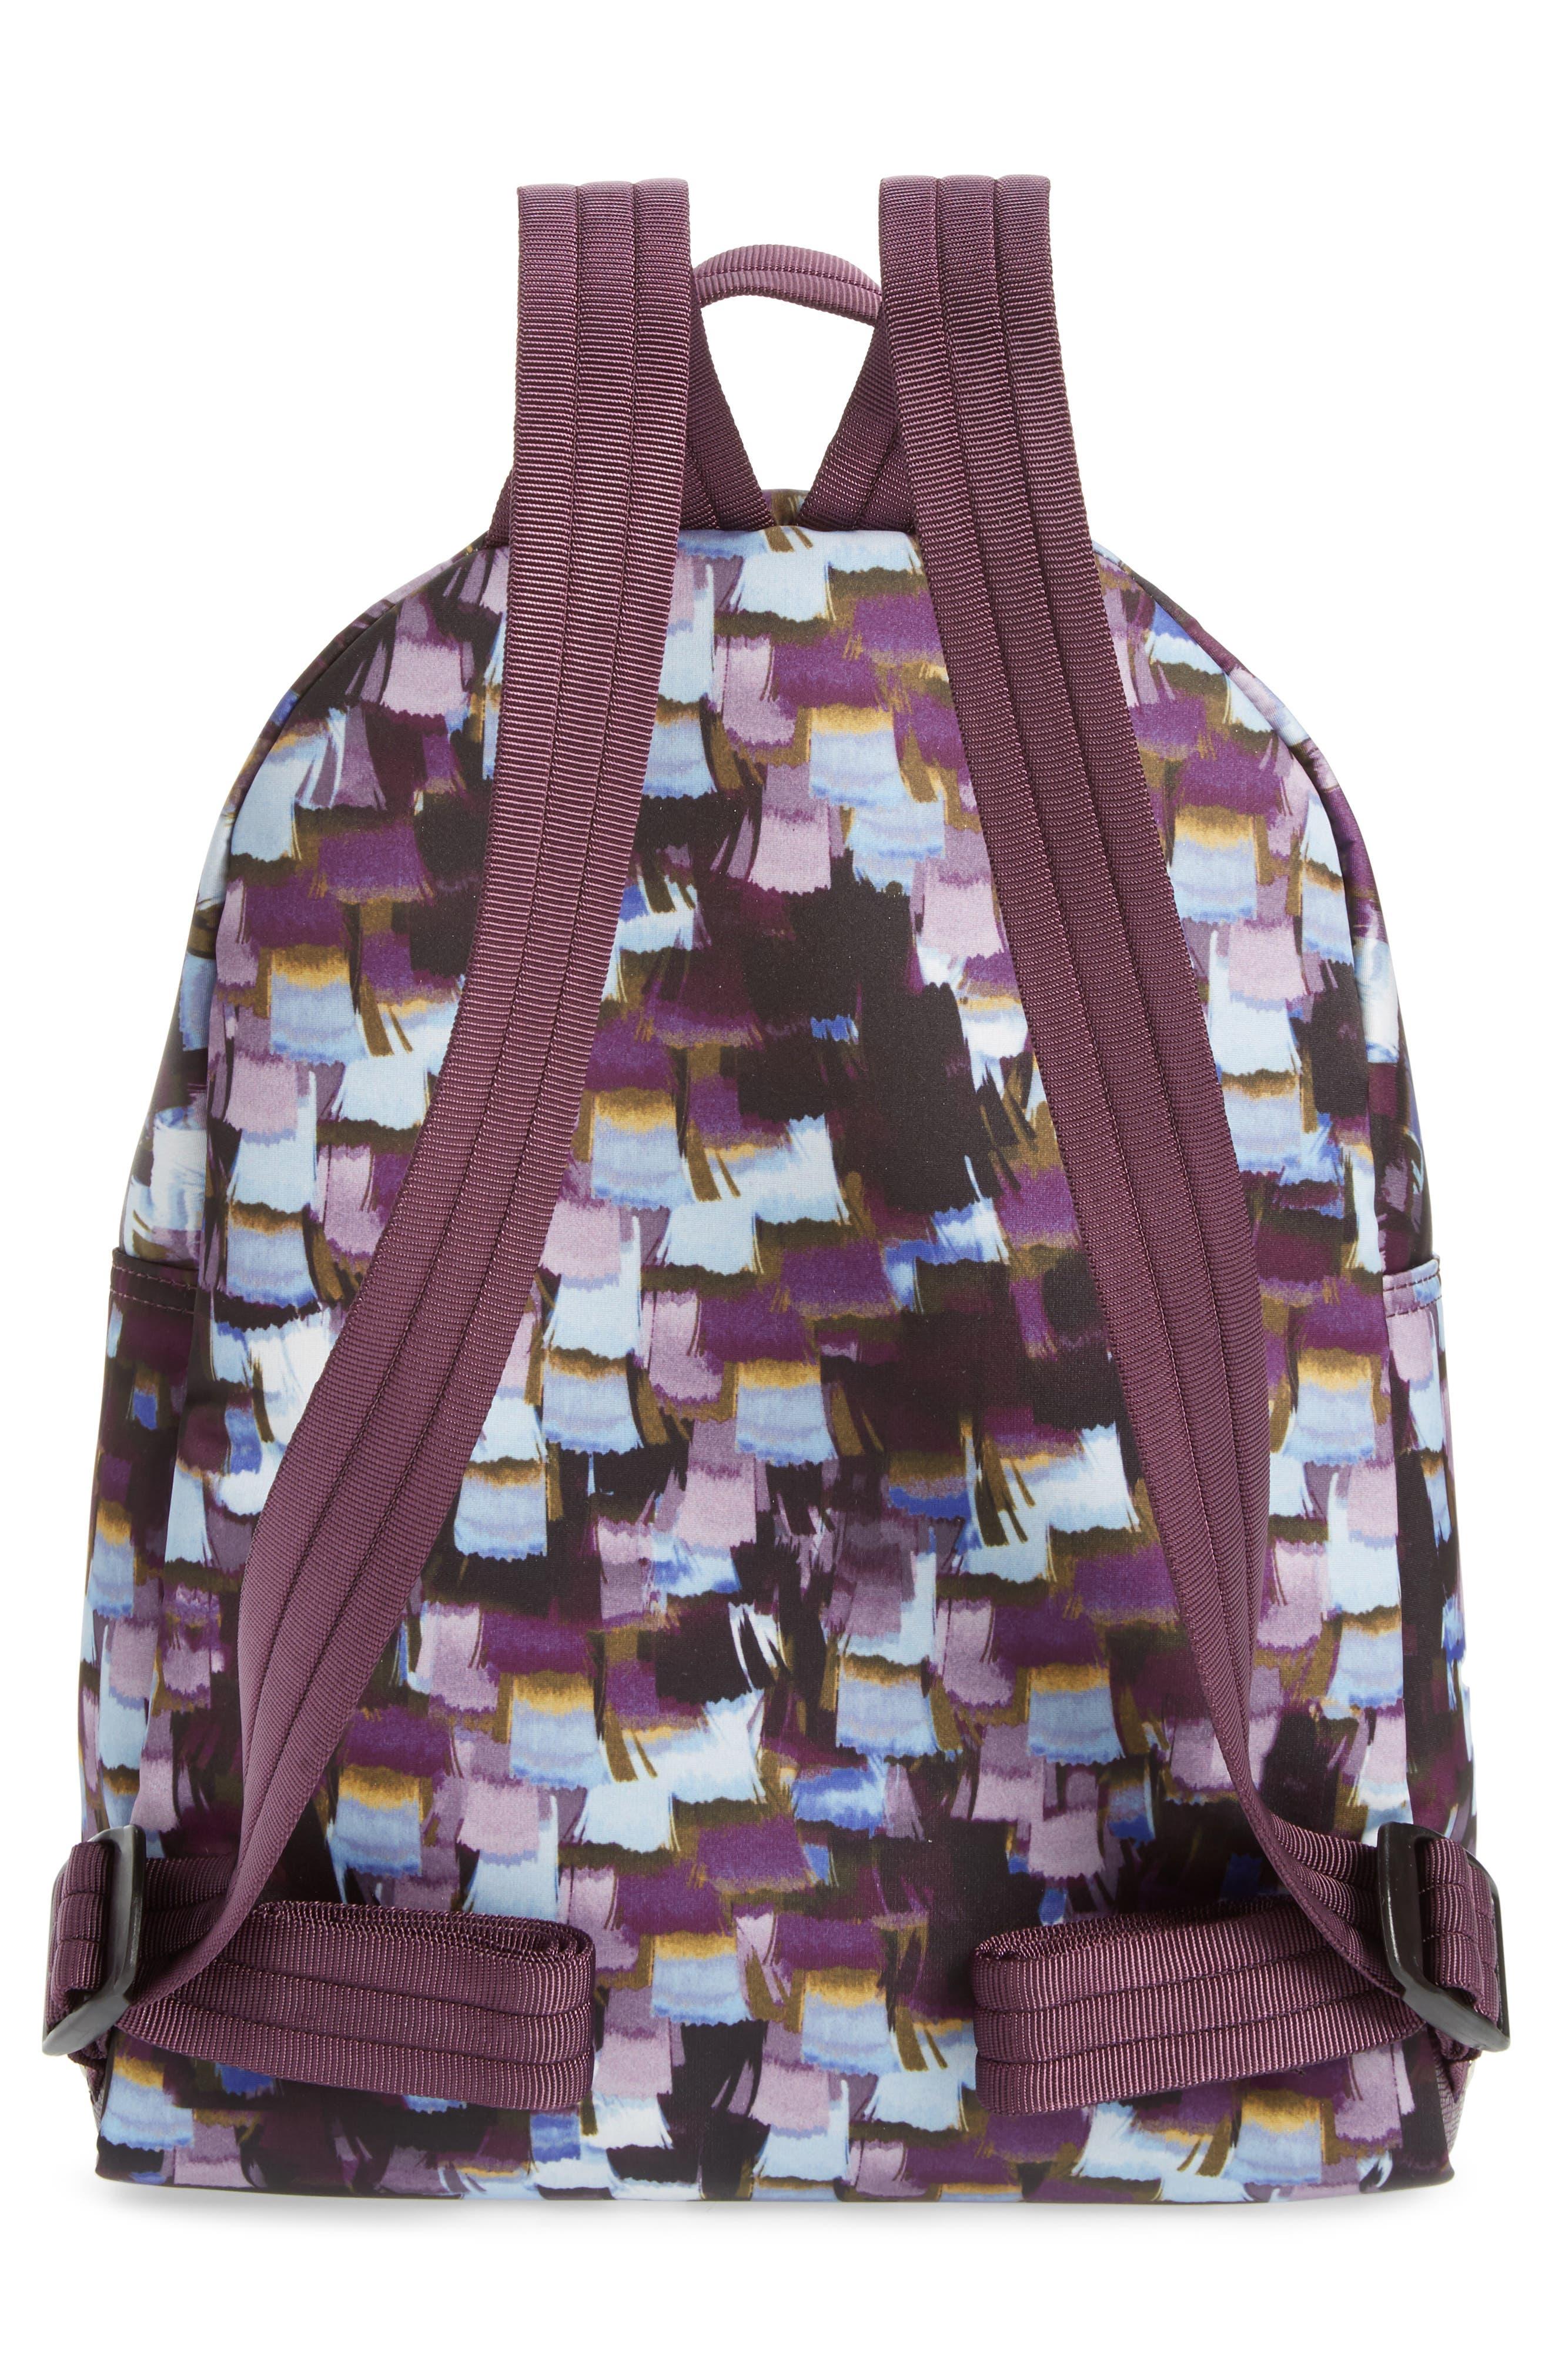 Le Pliage Neo - Vibrations Nylon Backpack,                             Alternate thumbnail 2, color,                             Deep Purple